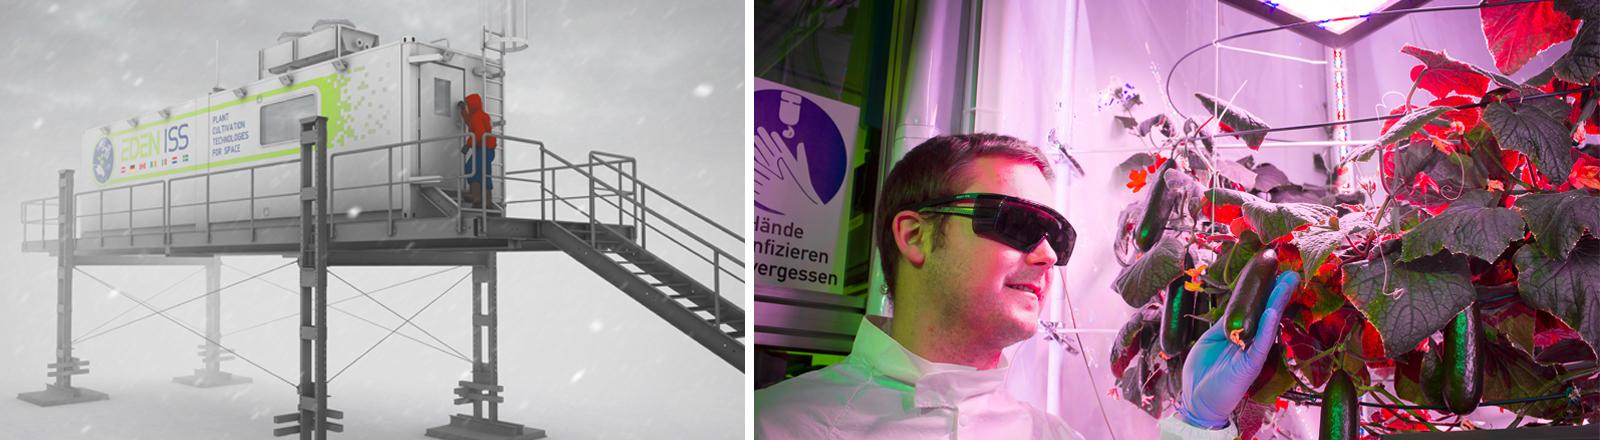 Paul Zabel vom Projekt EDEN ISS, Deutsches Zentrum für Luft- und Raumfahrt (DLR)